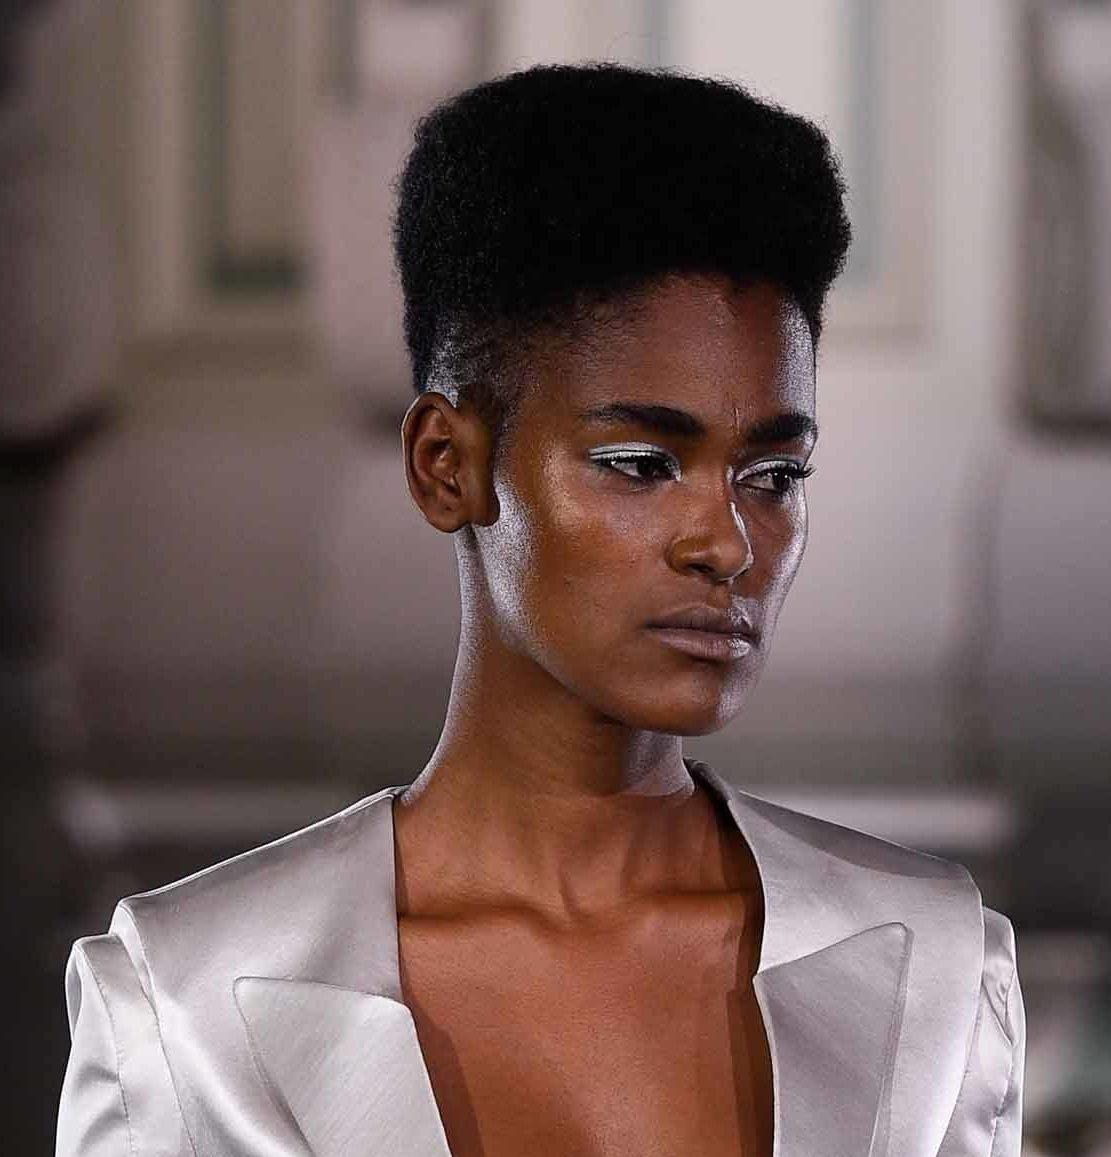 Femme coupée en cheveux : Mannequin de piste avec un afro haut de gamme, portant une veste argentée